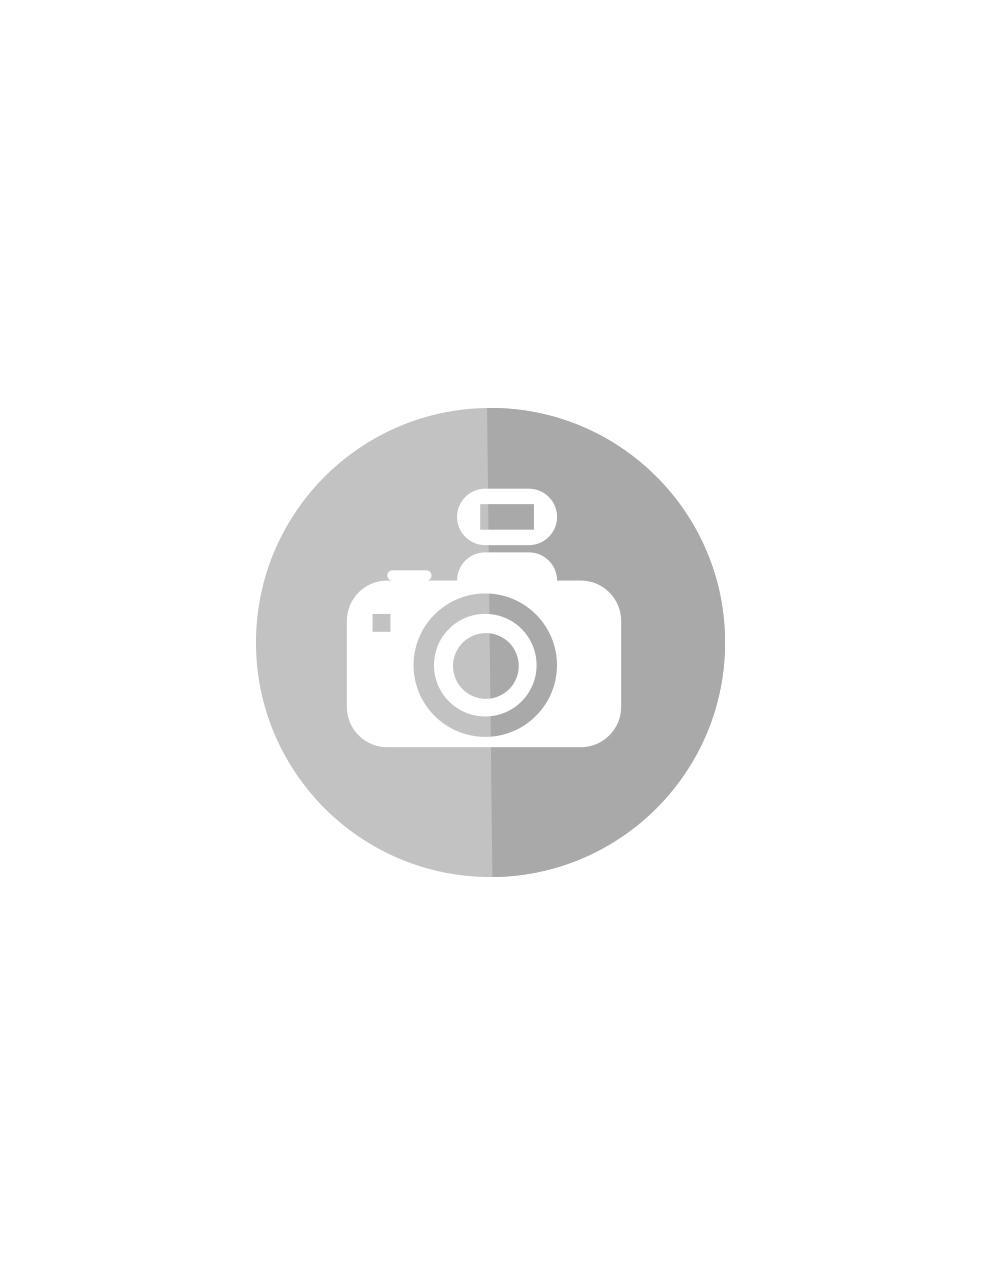 60600580_sparepart/FENCE:ROUND MALE/FEMALE 123.DARK ORANGE